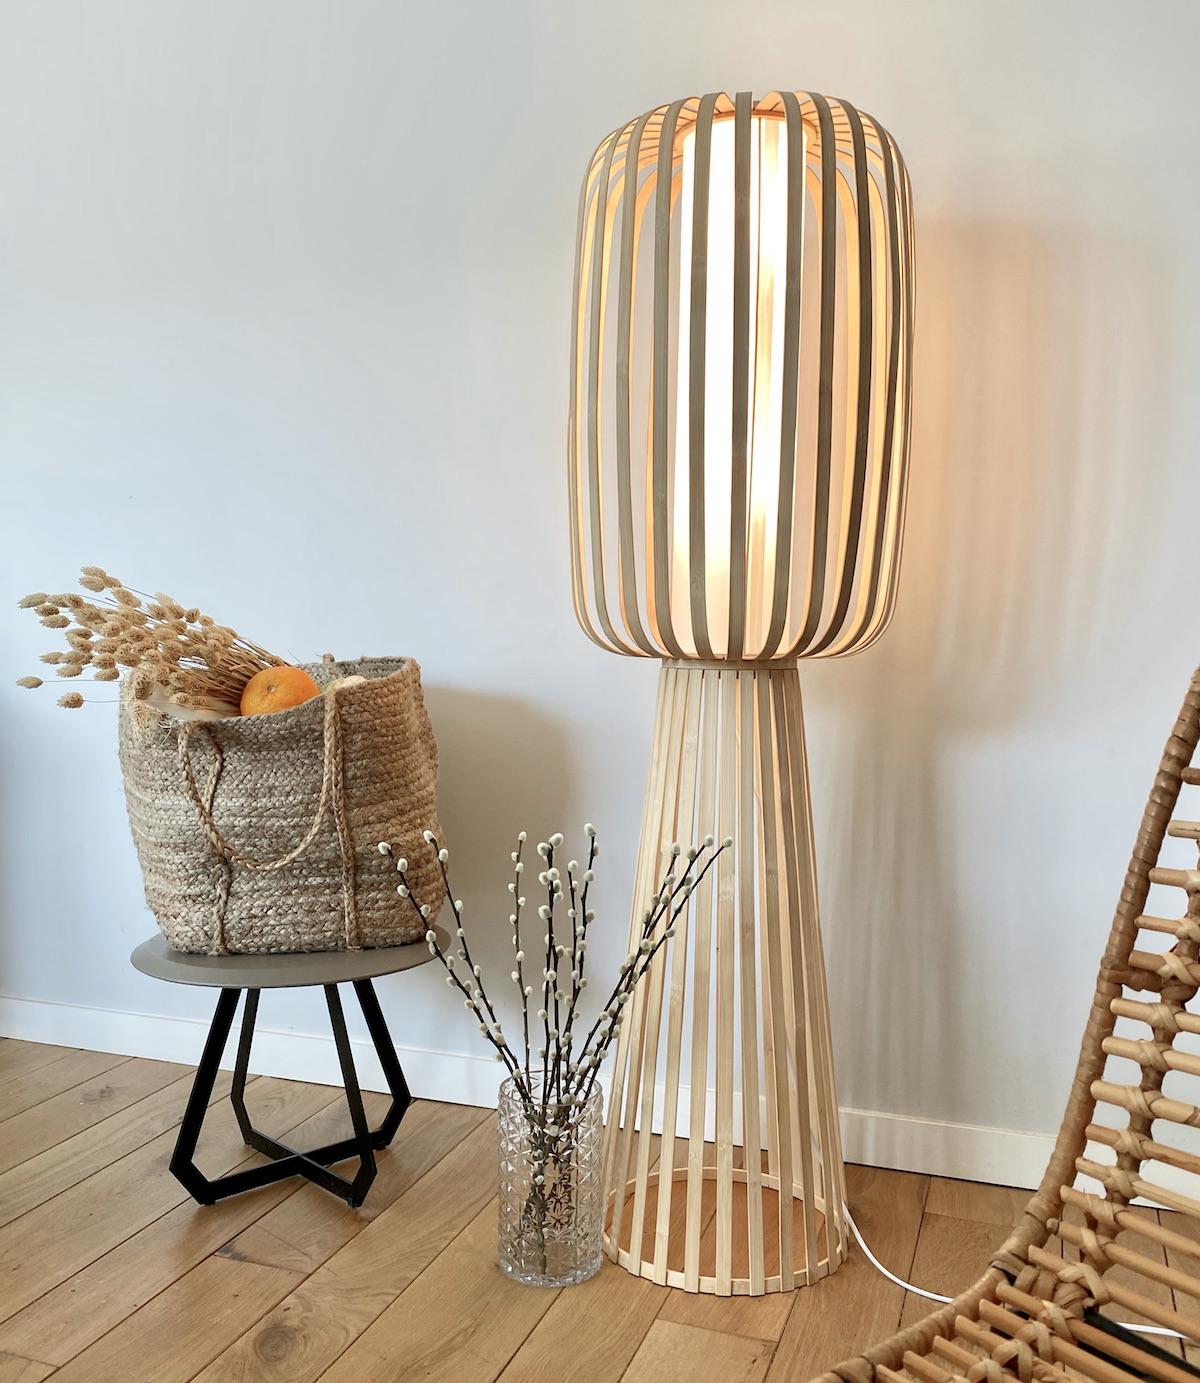 lampadaire bambou rotin design rond fleurs séchées déco